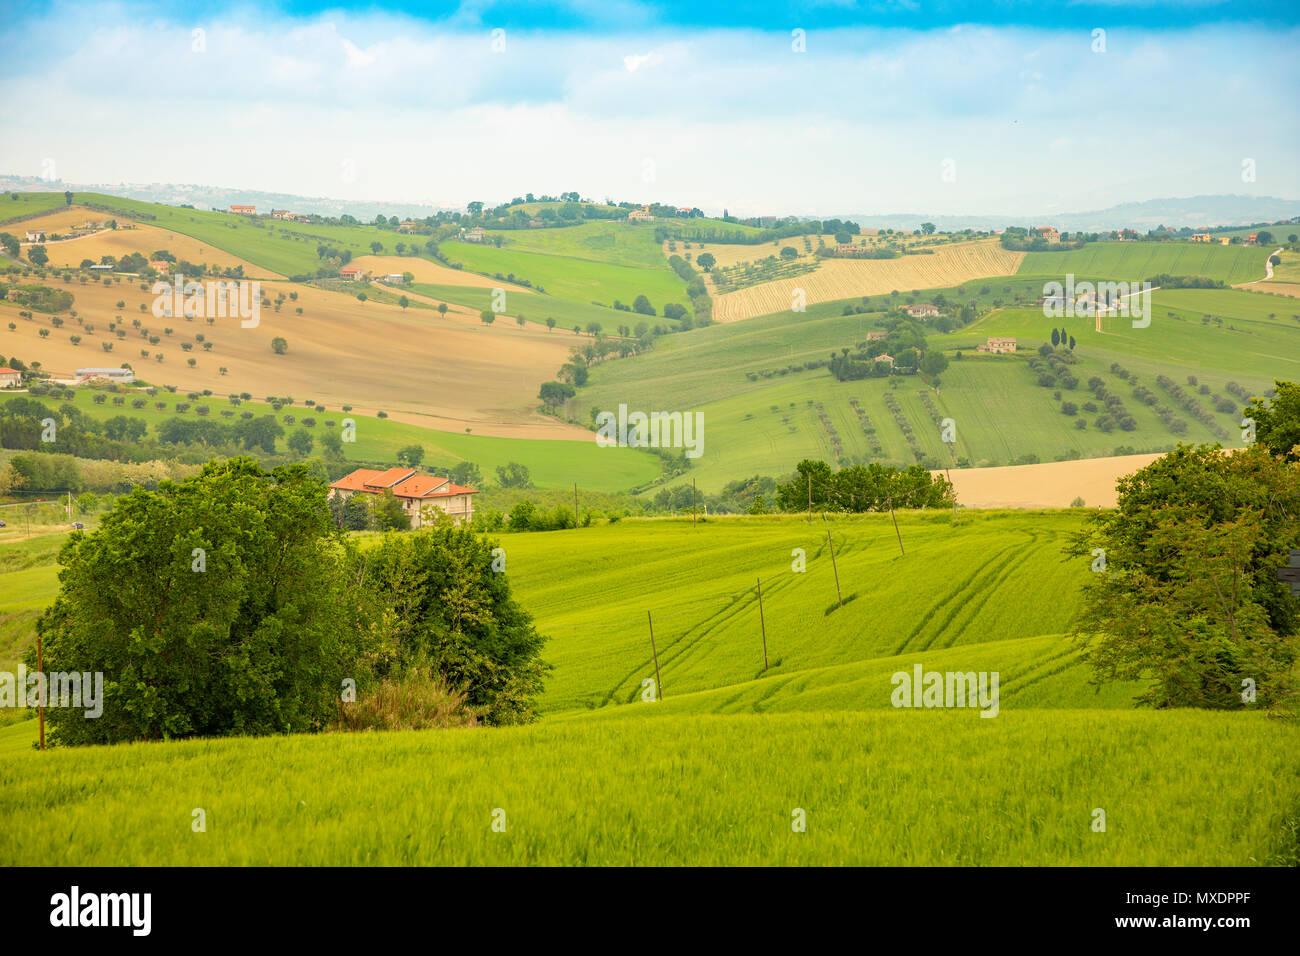 Paesaggio Rurale A Campi Estivi In Provincia Di Ancona In Italia